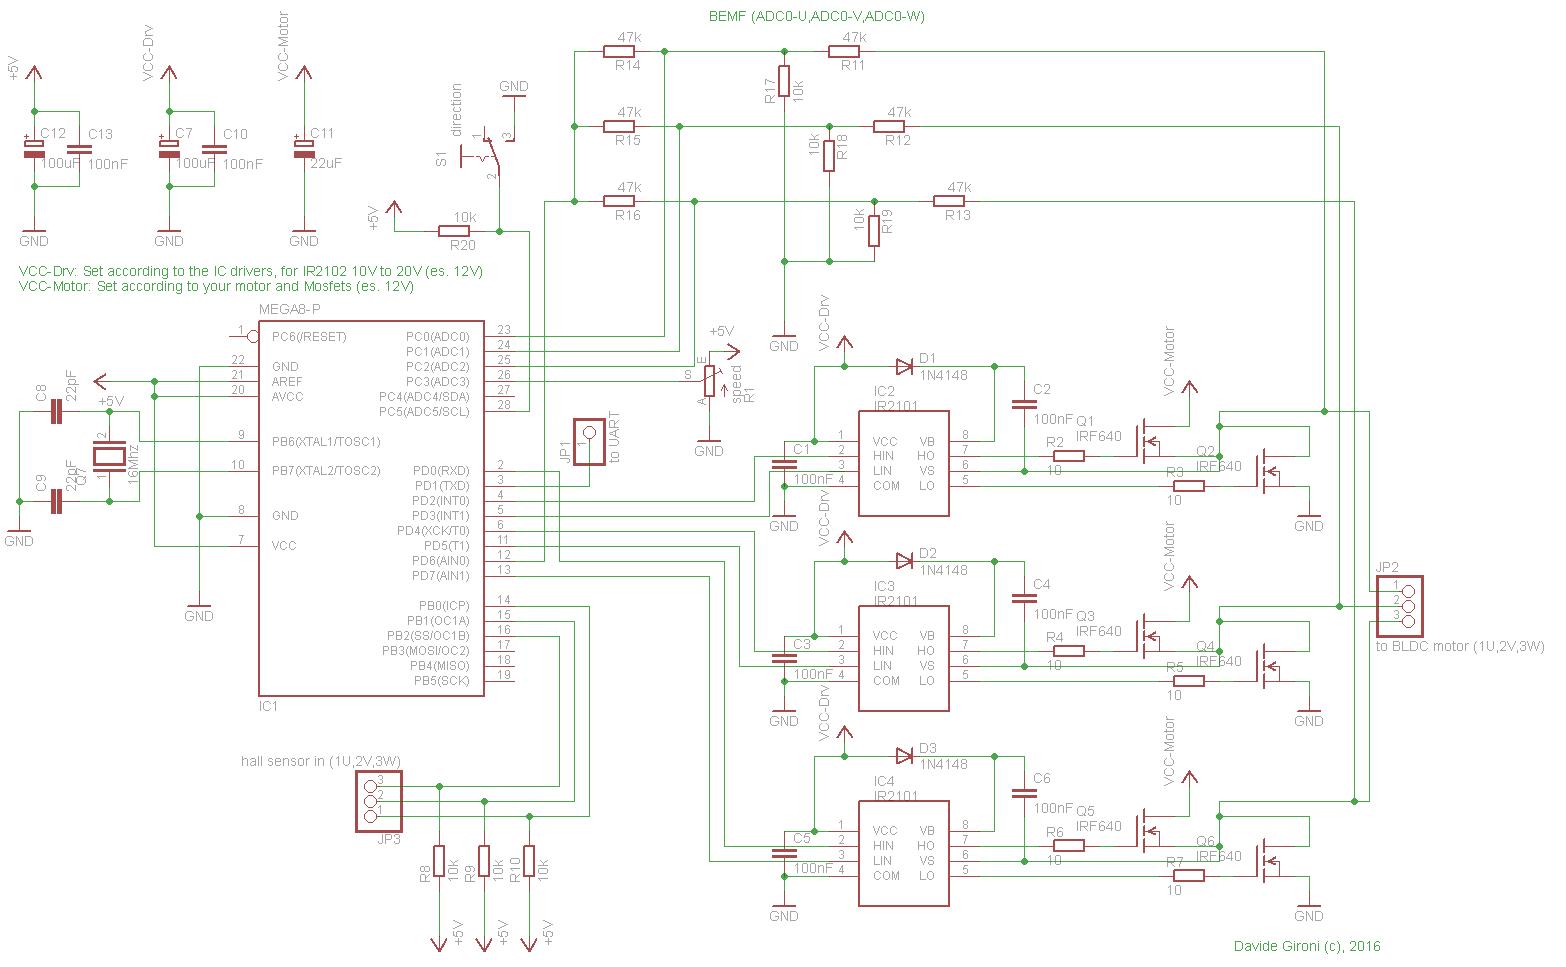 microcontroller circuit design services